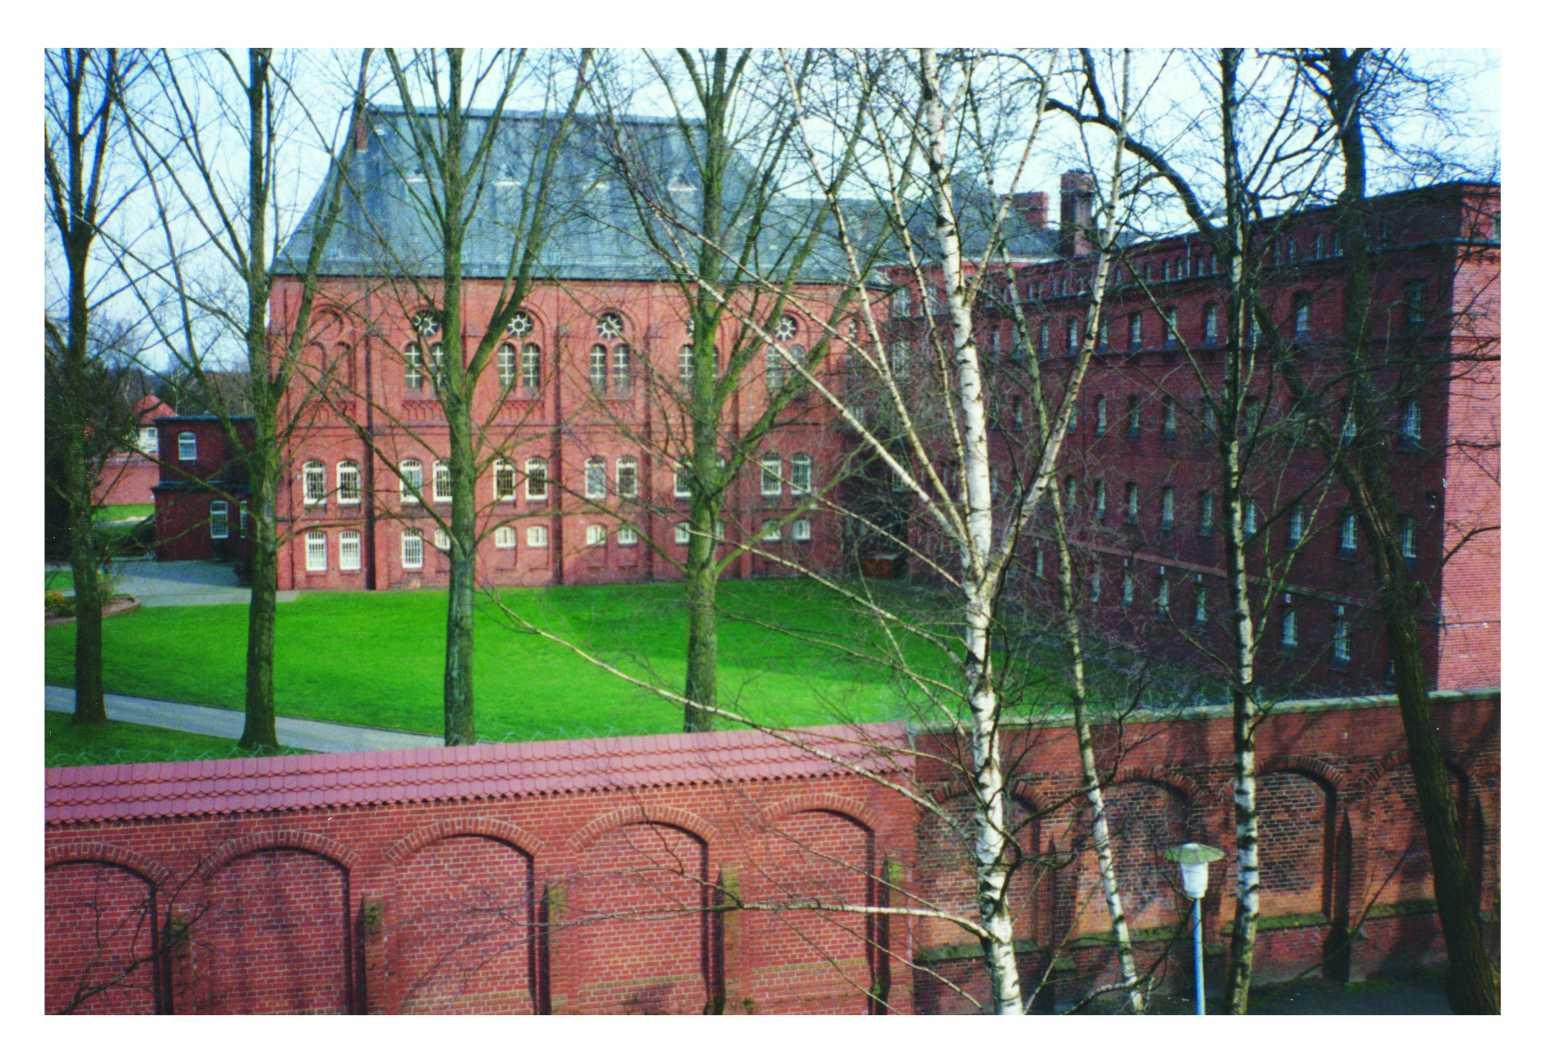 Blick vom Gymnasium Antonianum auf die Justizvollzugsanstalt Vechta. Foto: Franz Kramer (1995)